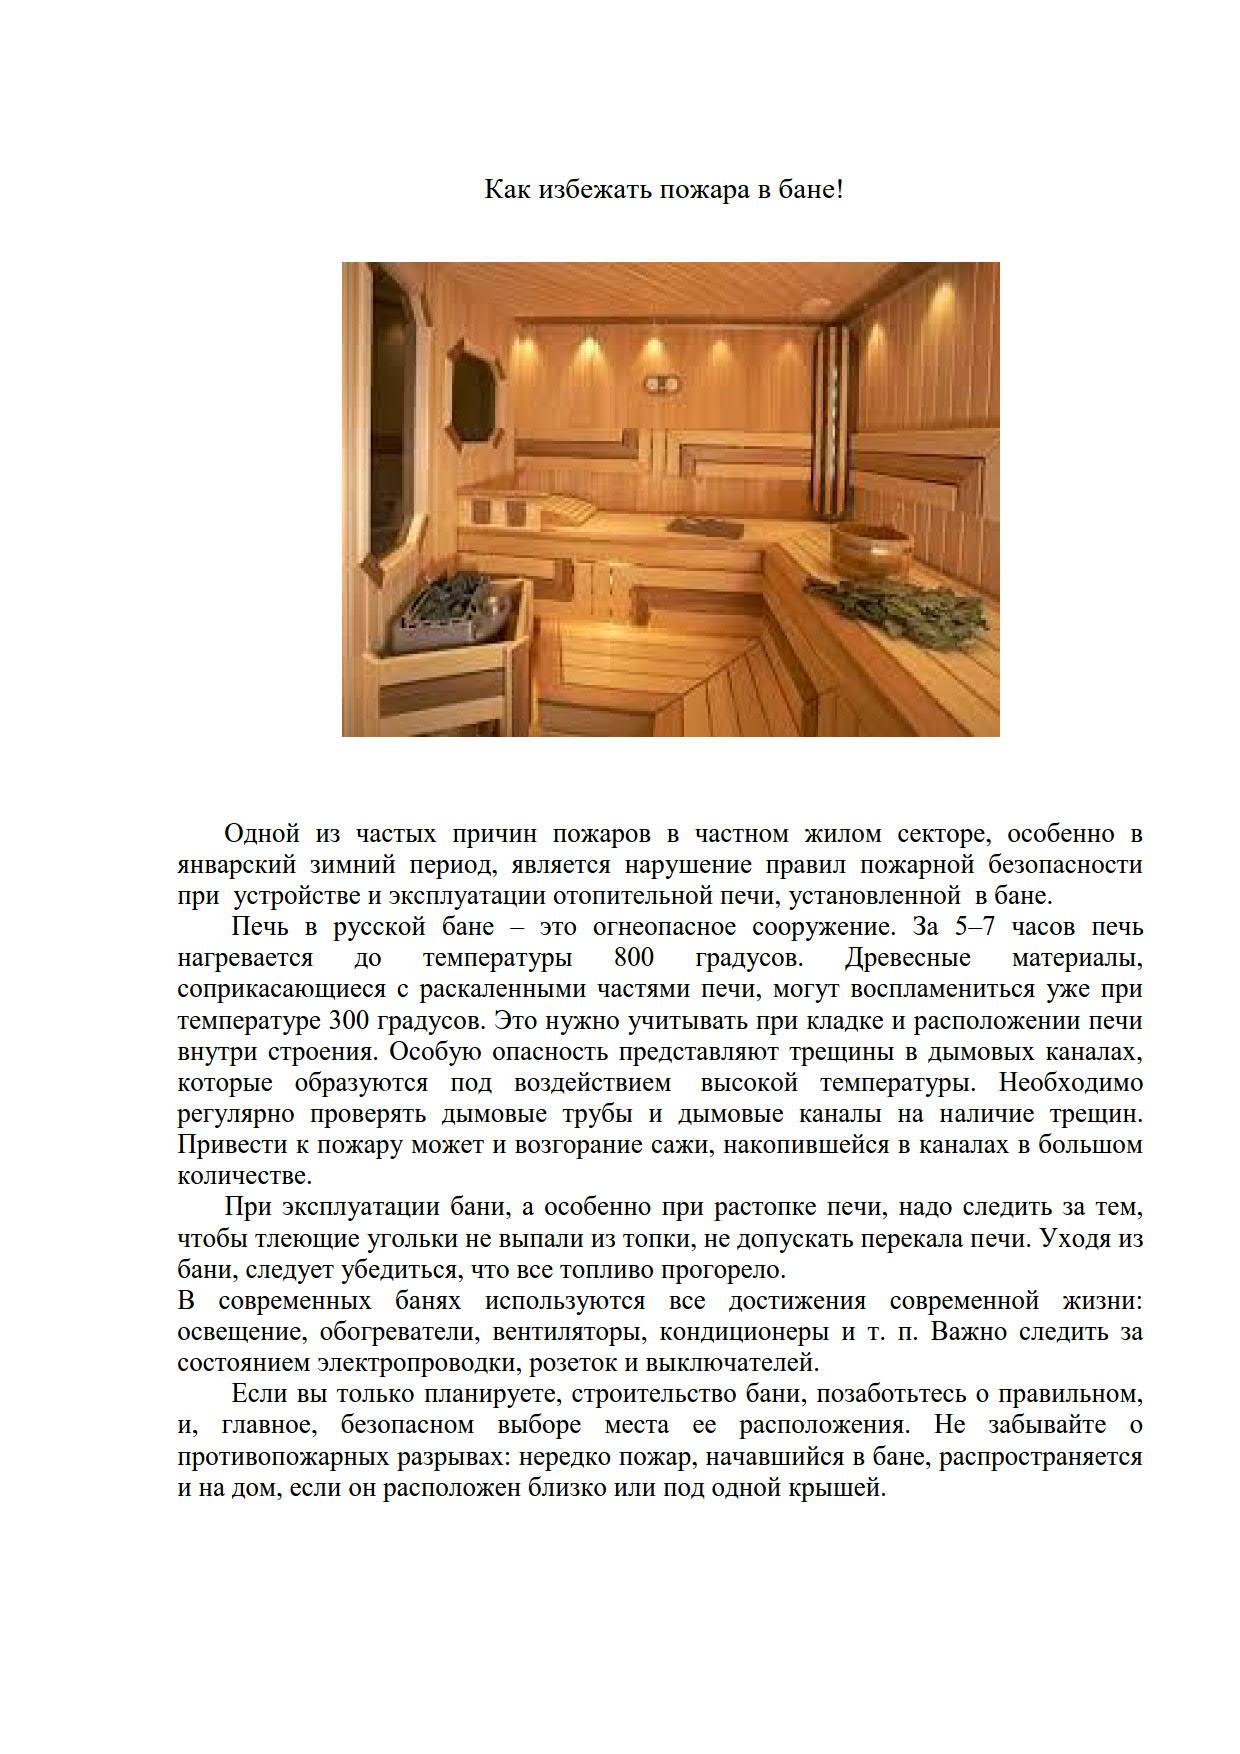 Парилка в бане из бруса: материалы и пожаробезопасность